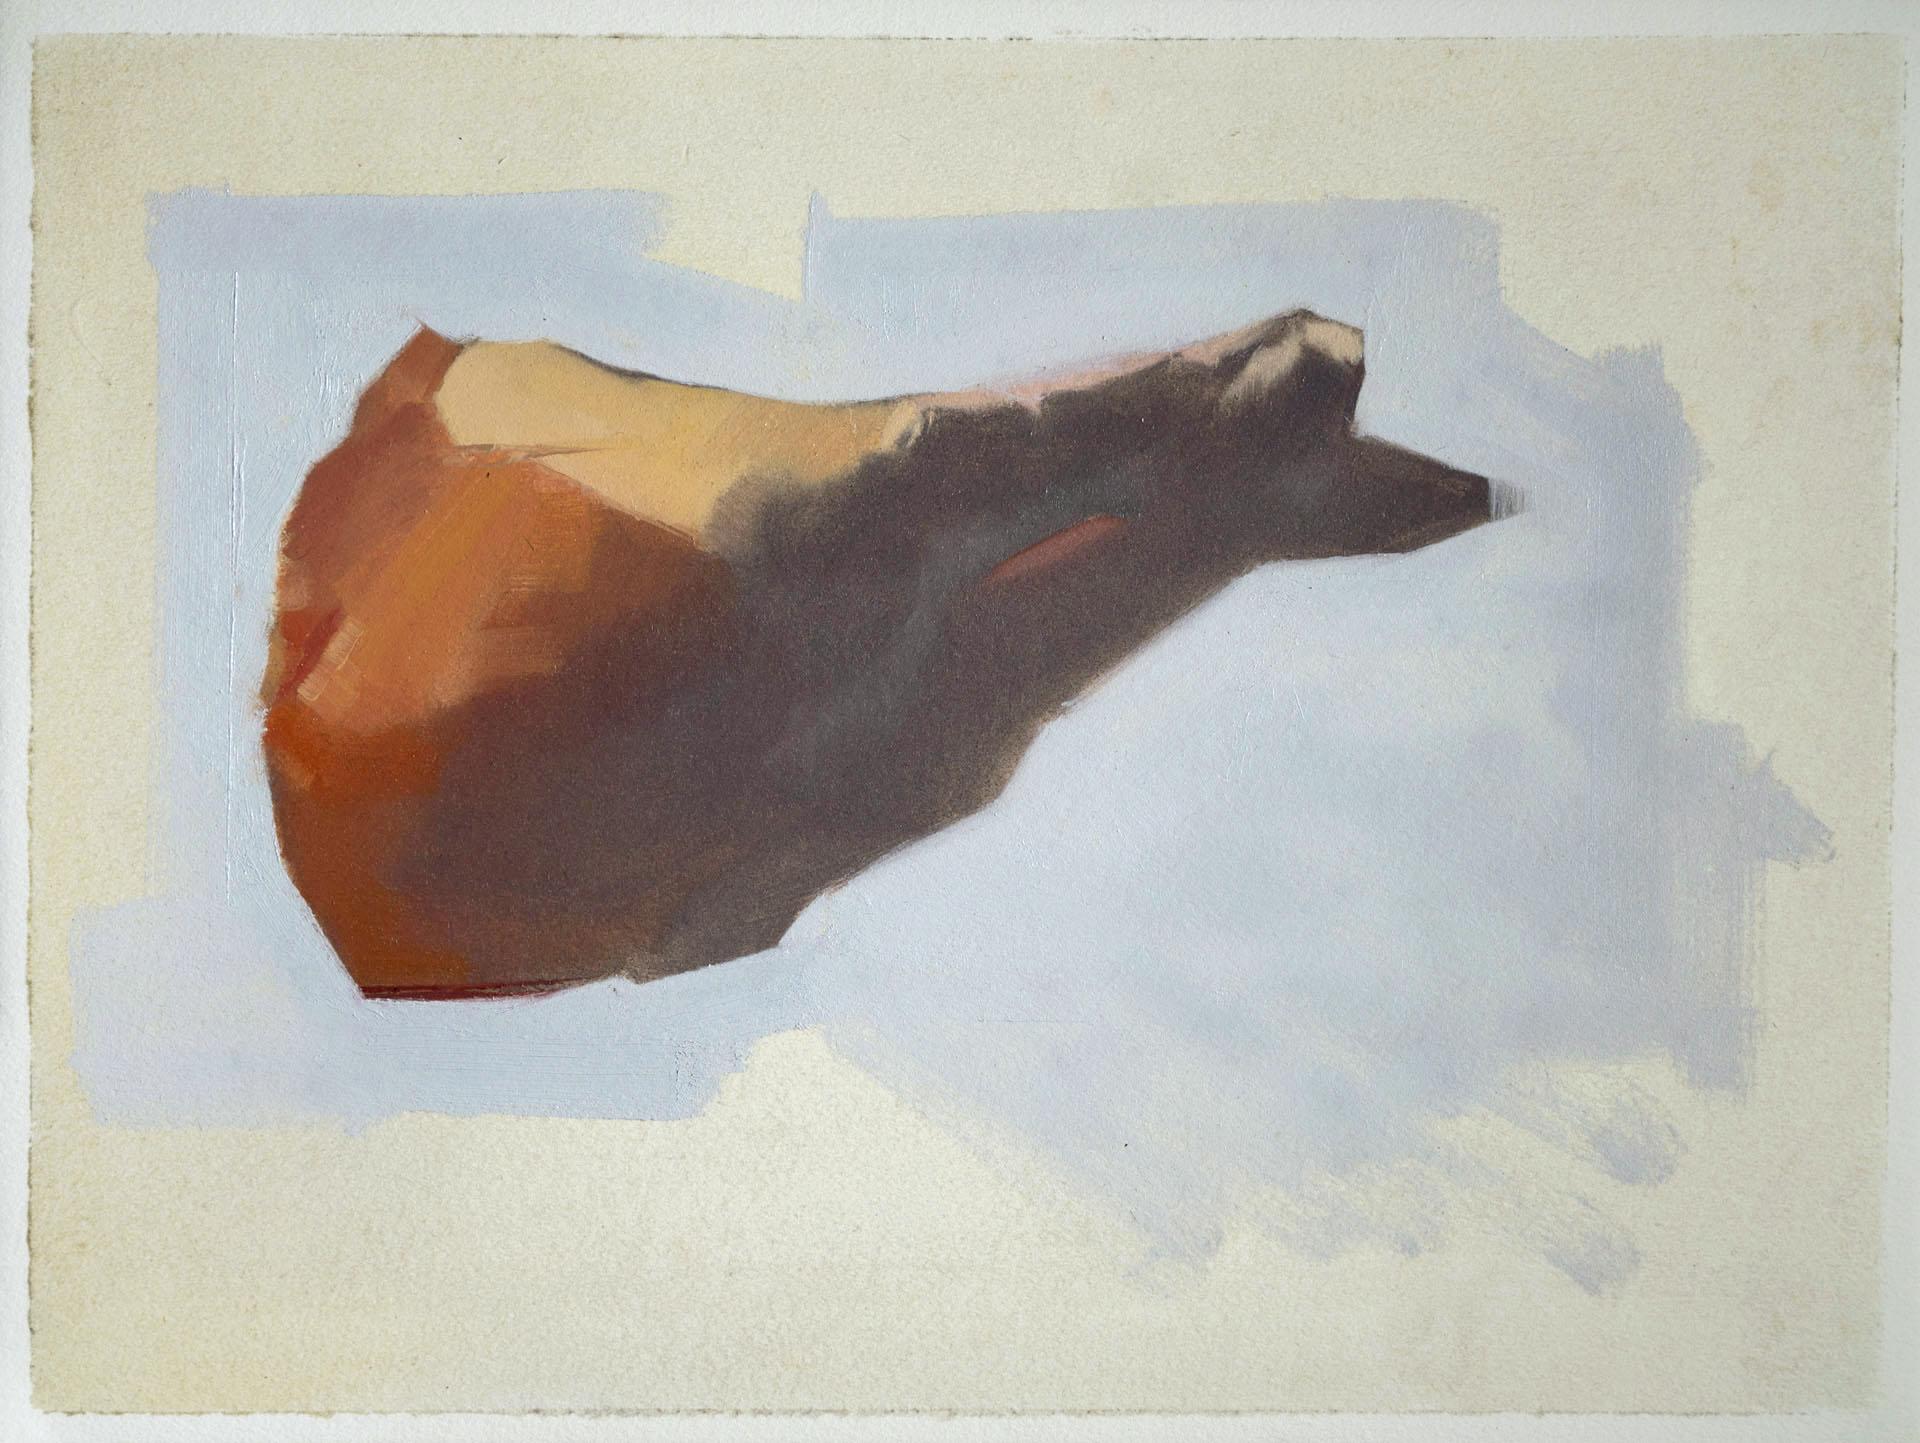 Untitled (Chicken)